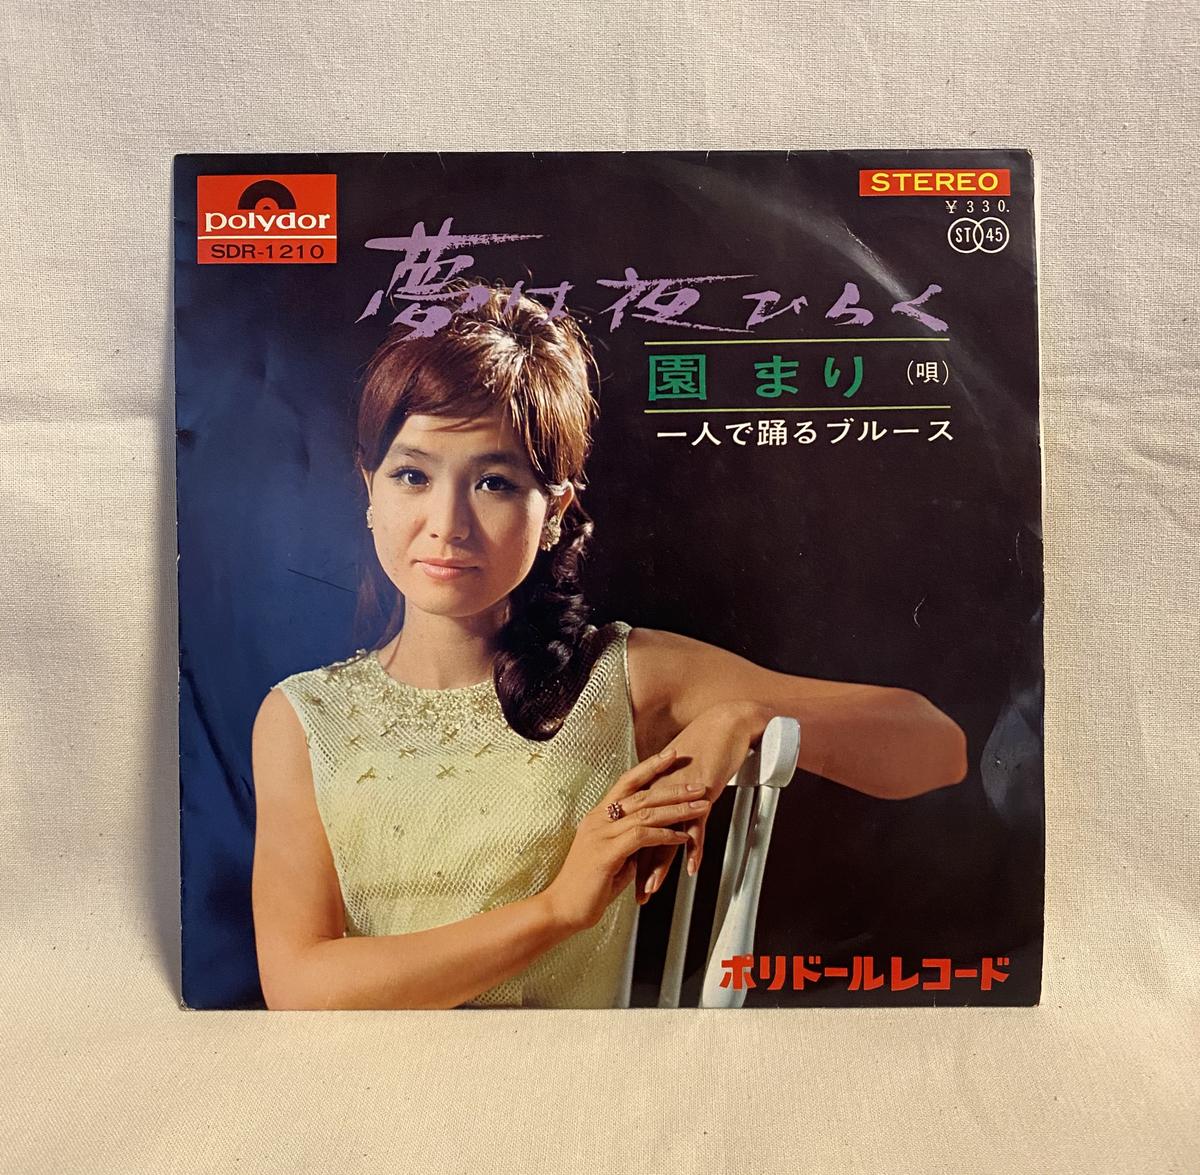 f:id:yomoyamayomoyama:20210514064341j:plain